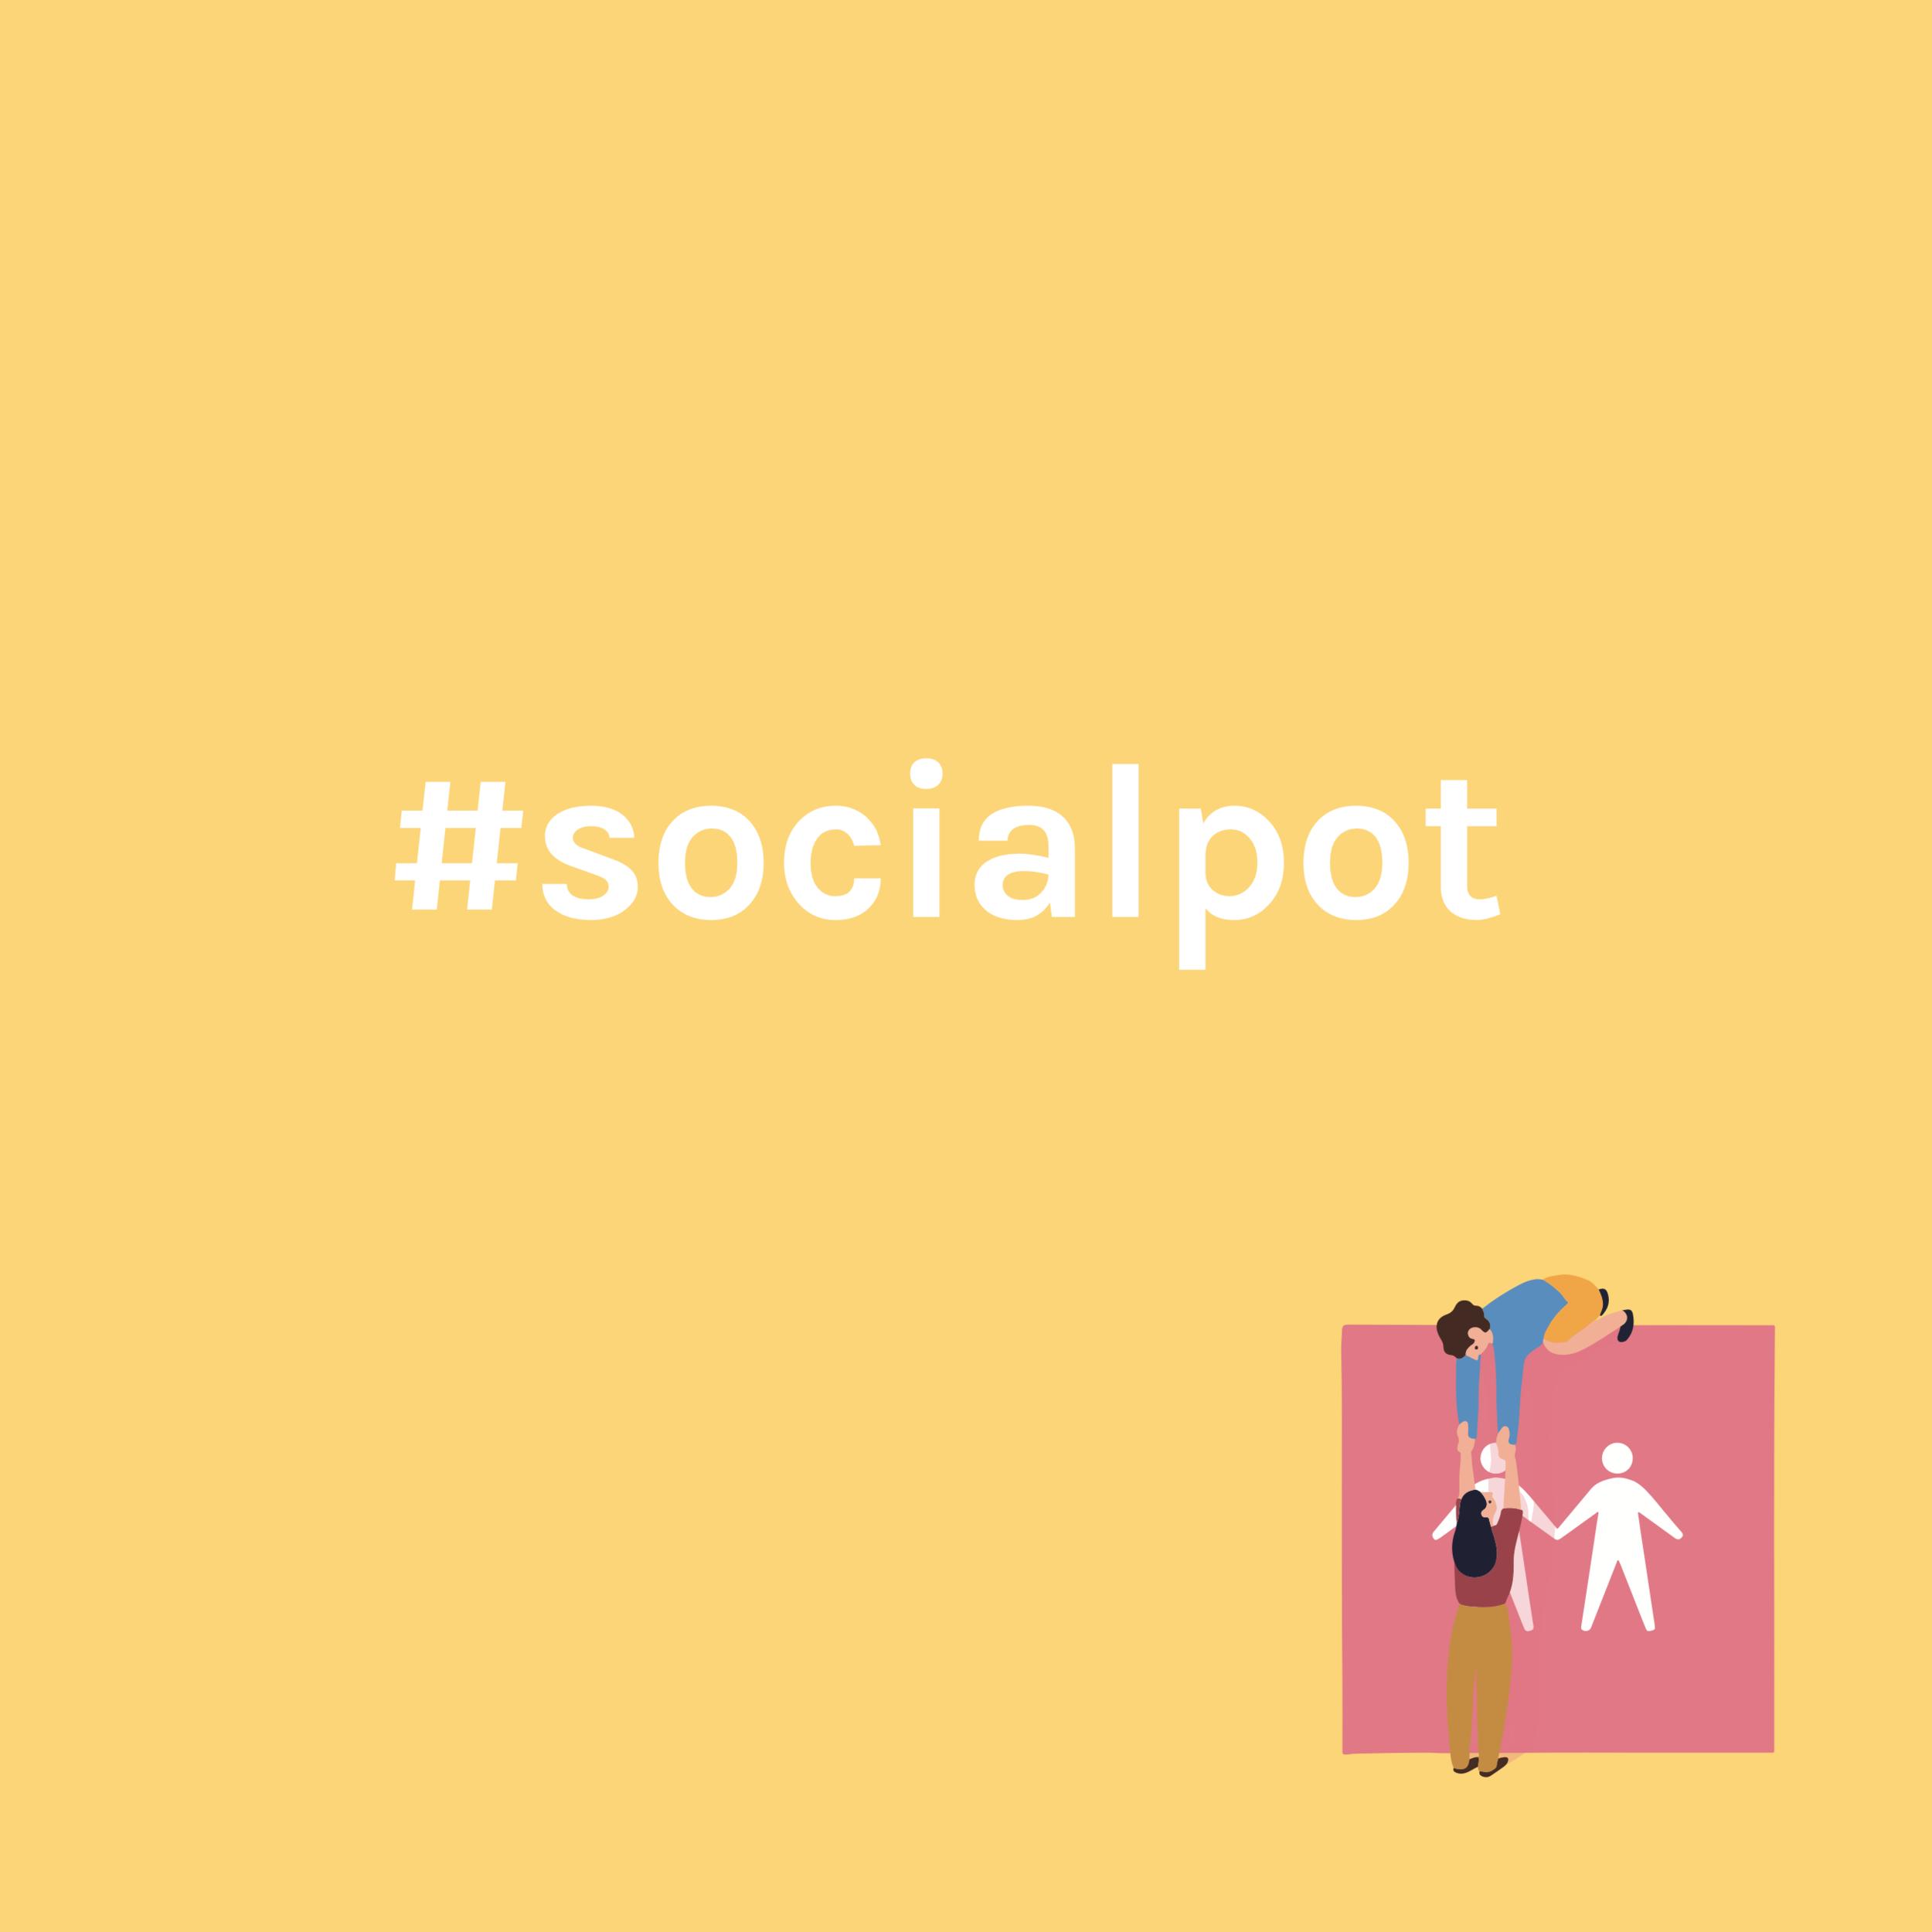 socialpot.png